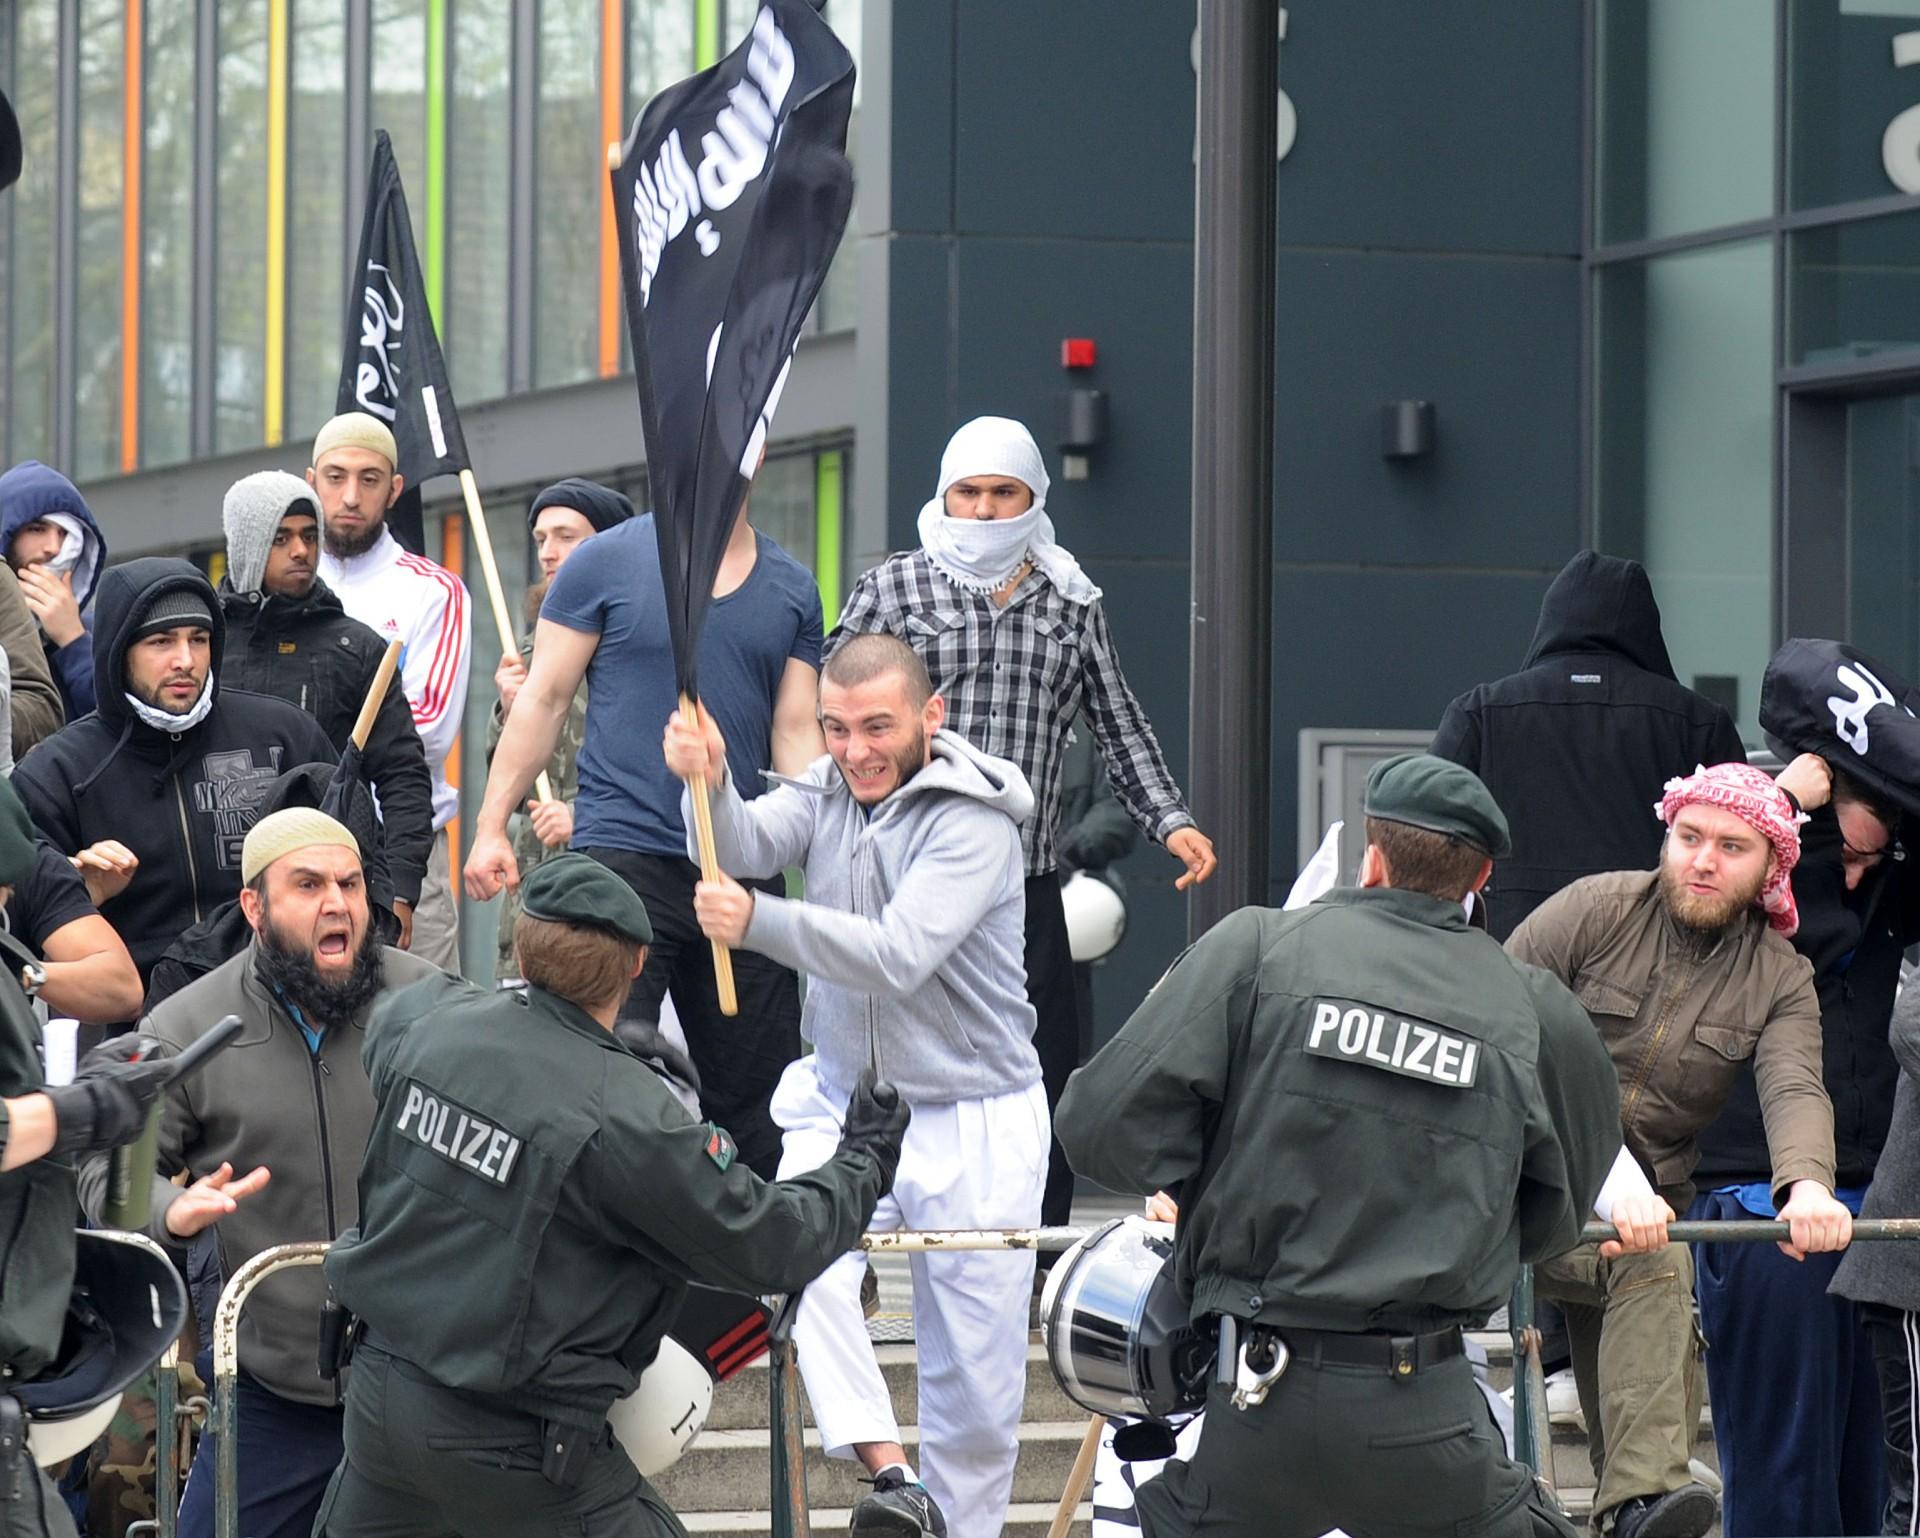 Чего хотят террористы? Георгий Мирский о людях, которые едут воевать в Сирию на стороне исламистов